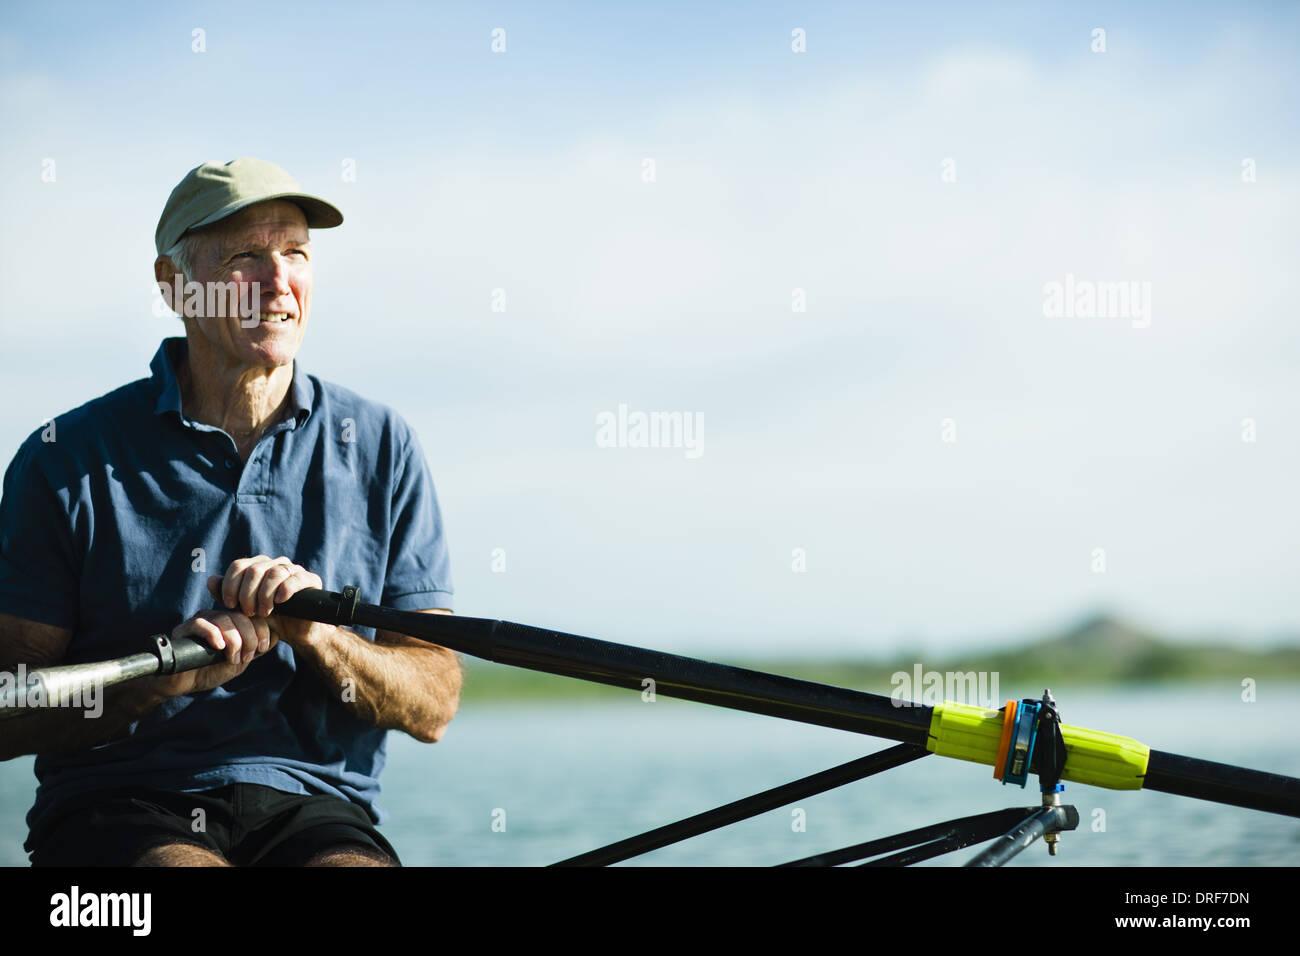 Colorado USA uomo di mezza età di canottaggio scull unica barca a remi Immagini Stock